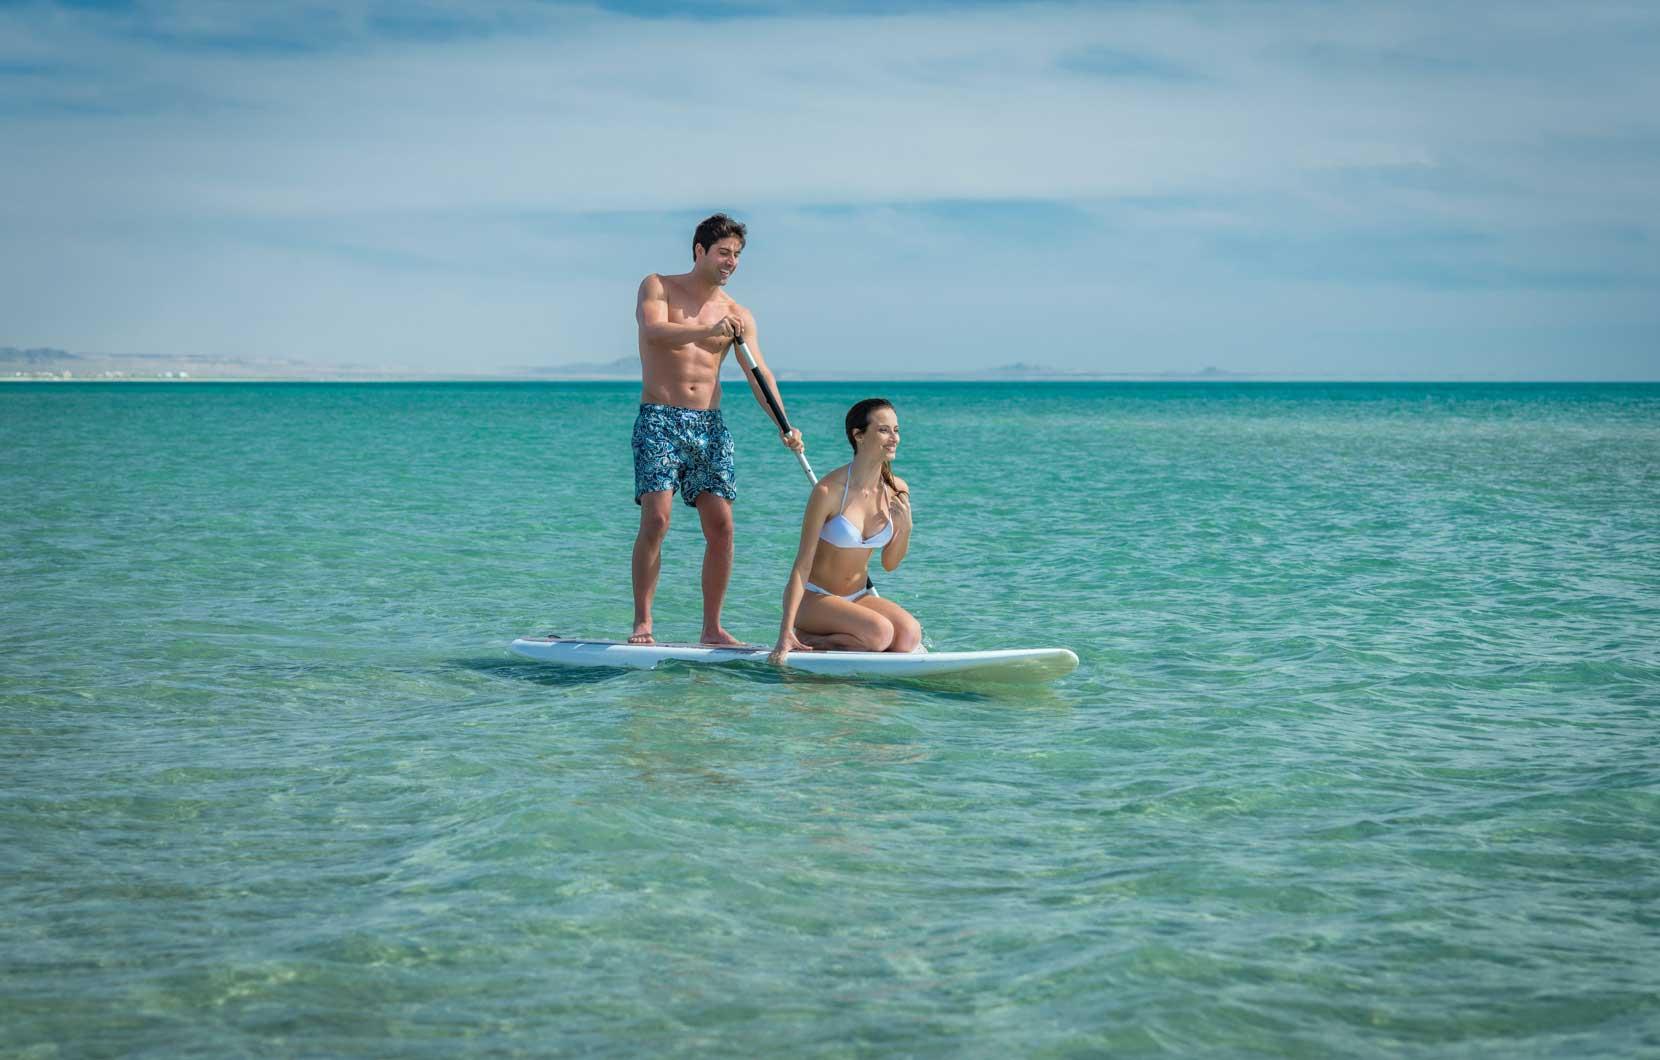 Practicar paddle boarding es la manera ideal de ejercitarse durante las vacaciones.